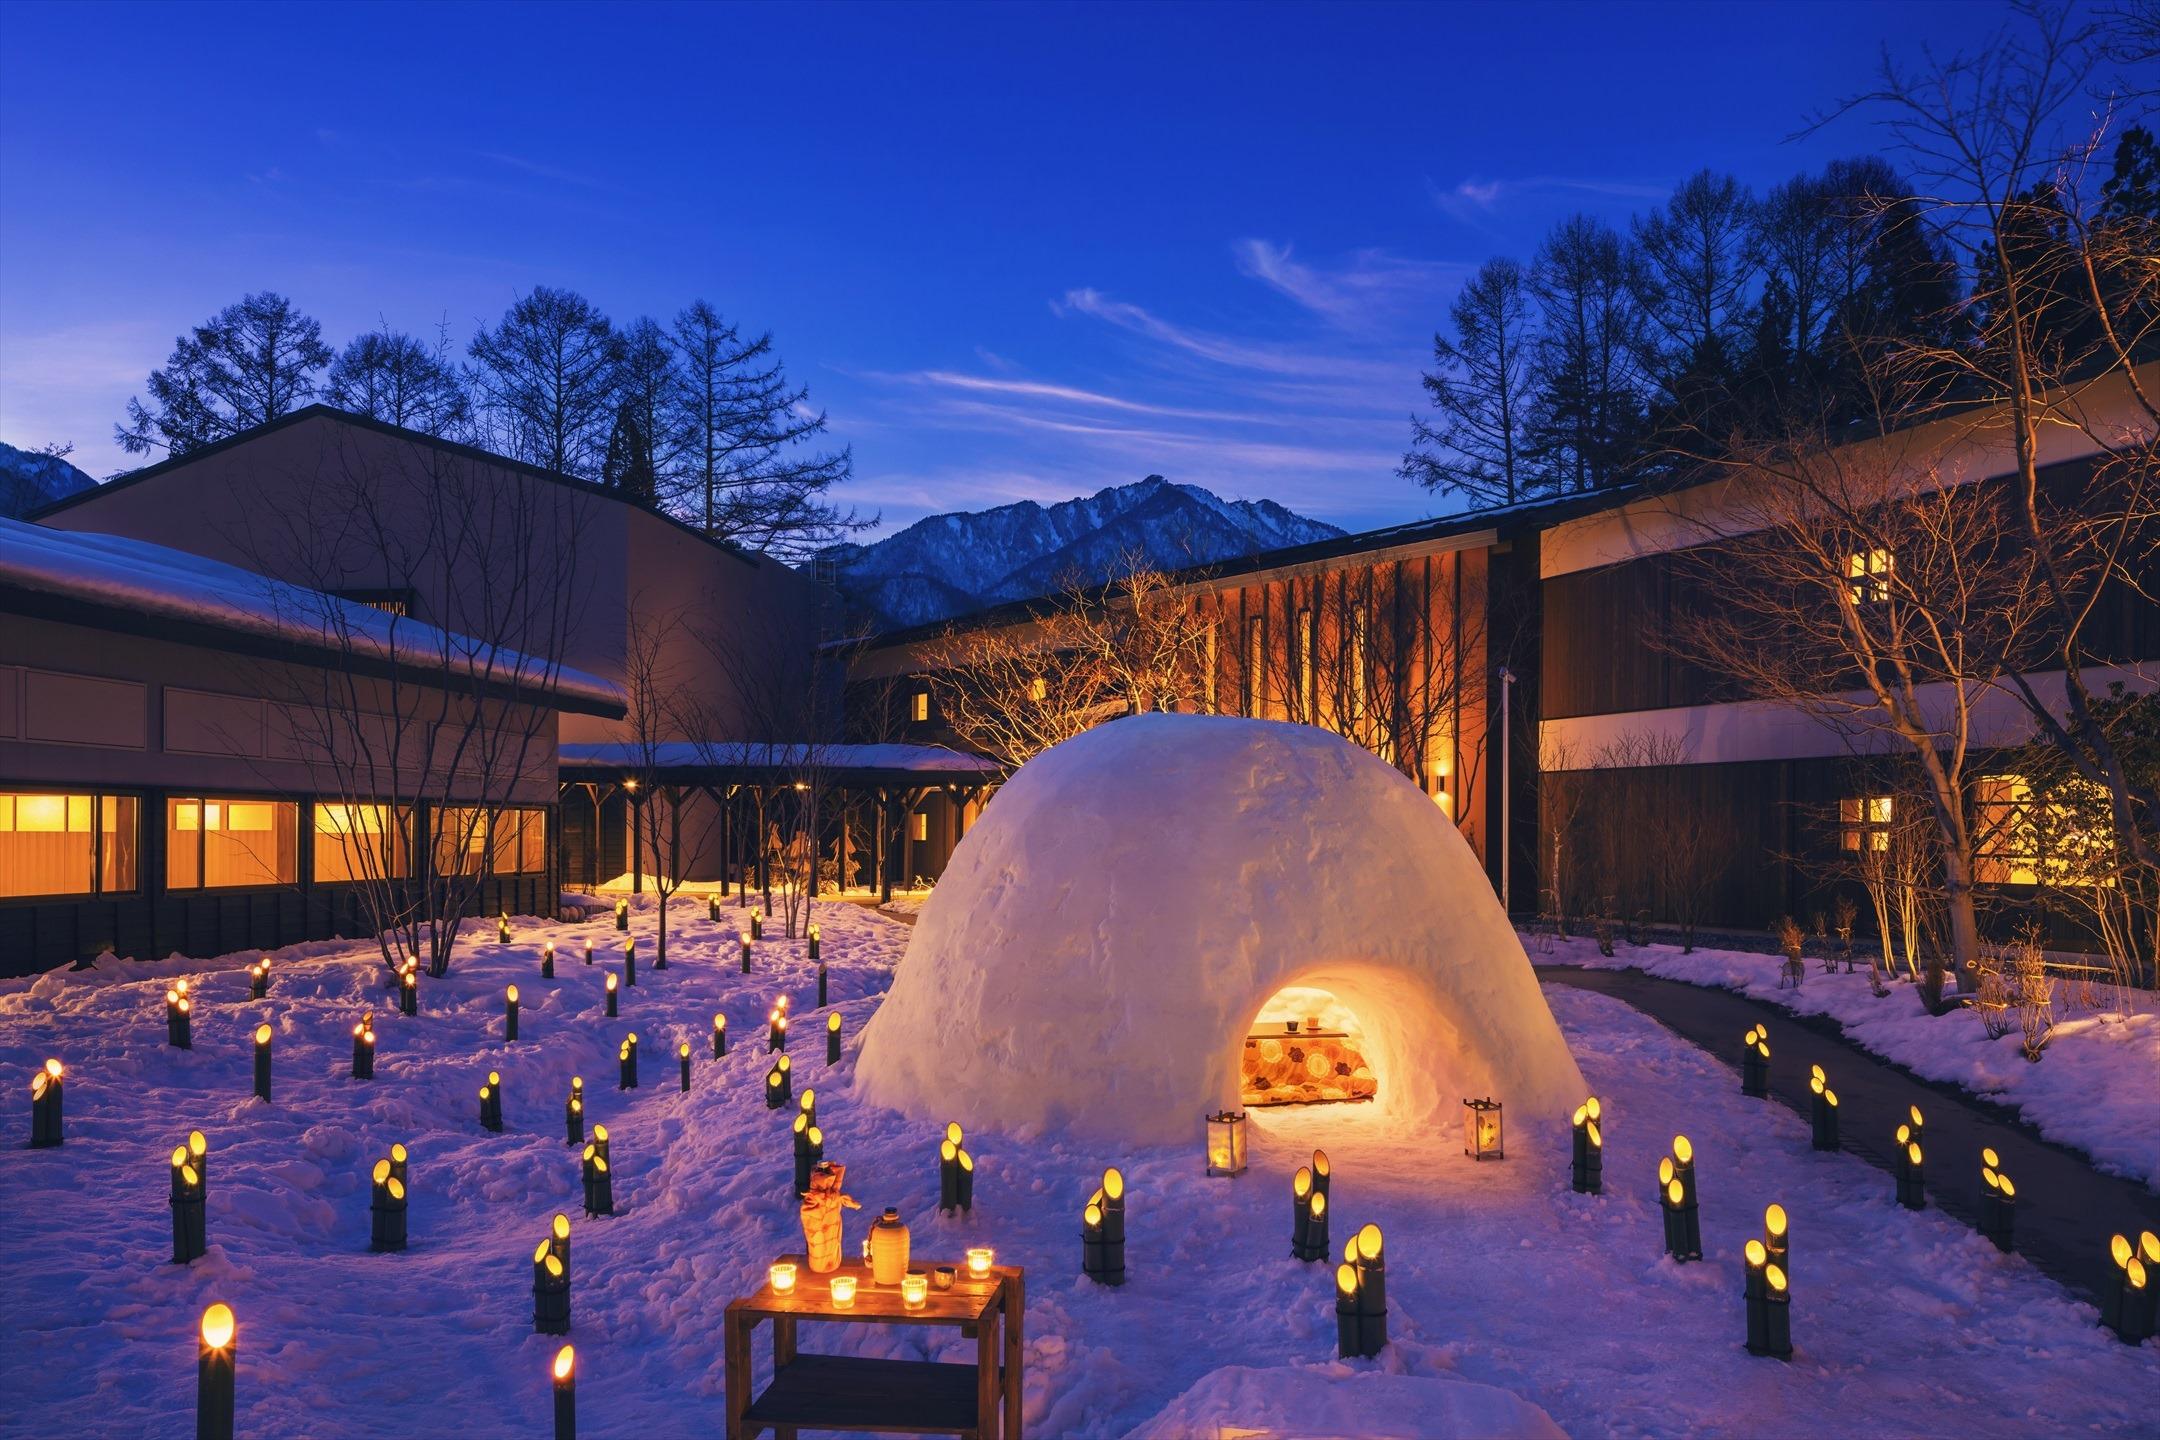 hoshino-kai-resort-aomoi-%e6%98%9f%e9%87%8e%e3%83%aa%e3%82%be%e3%83%bc%e3%83%88%e7%95%8c%e9%9d%92%e6%a3%ae-4-2